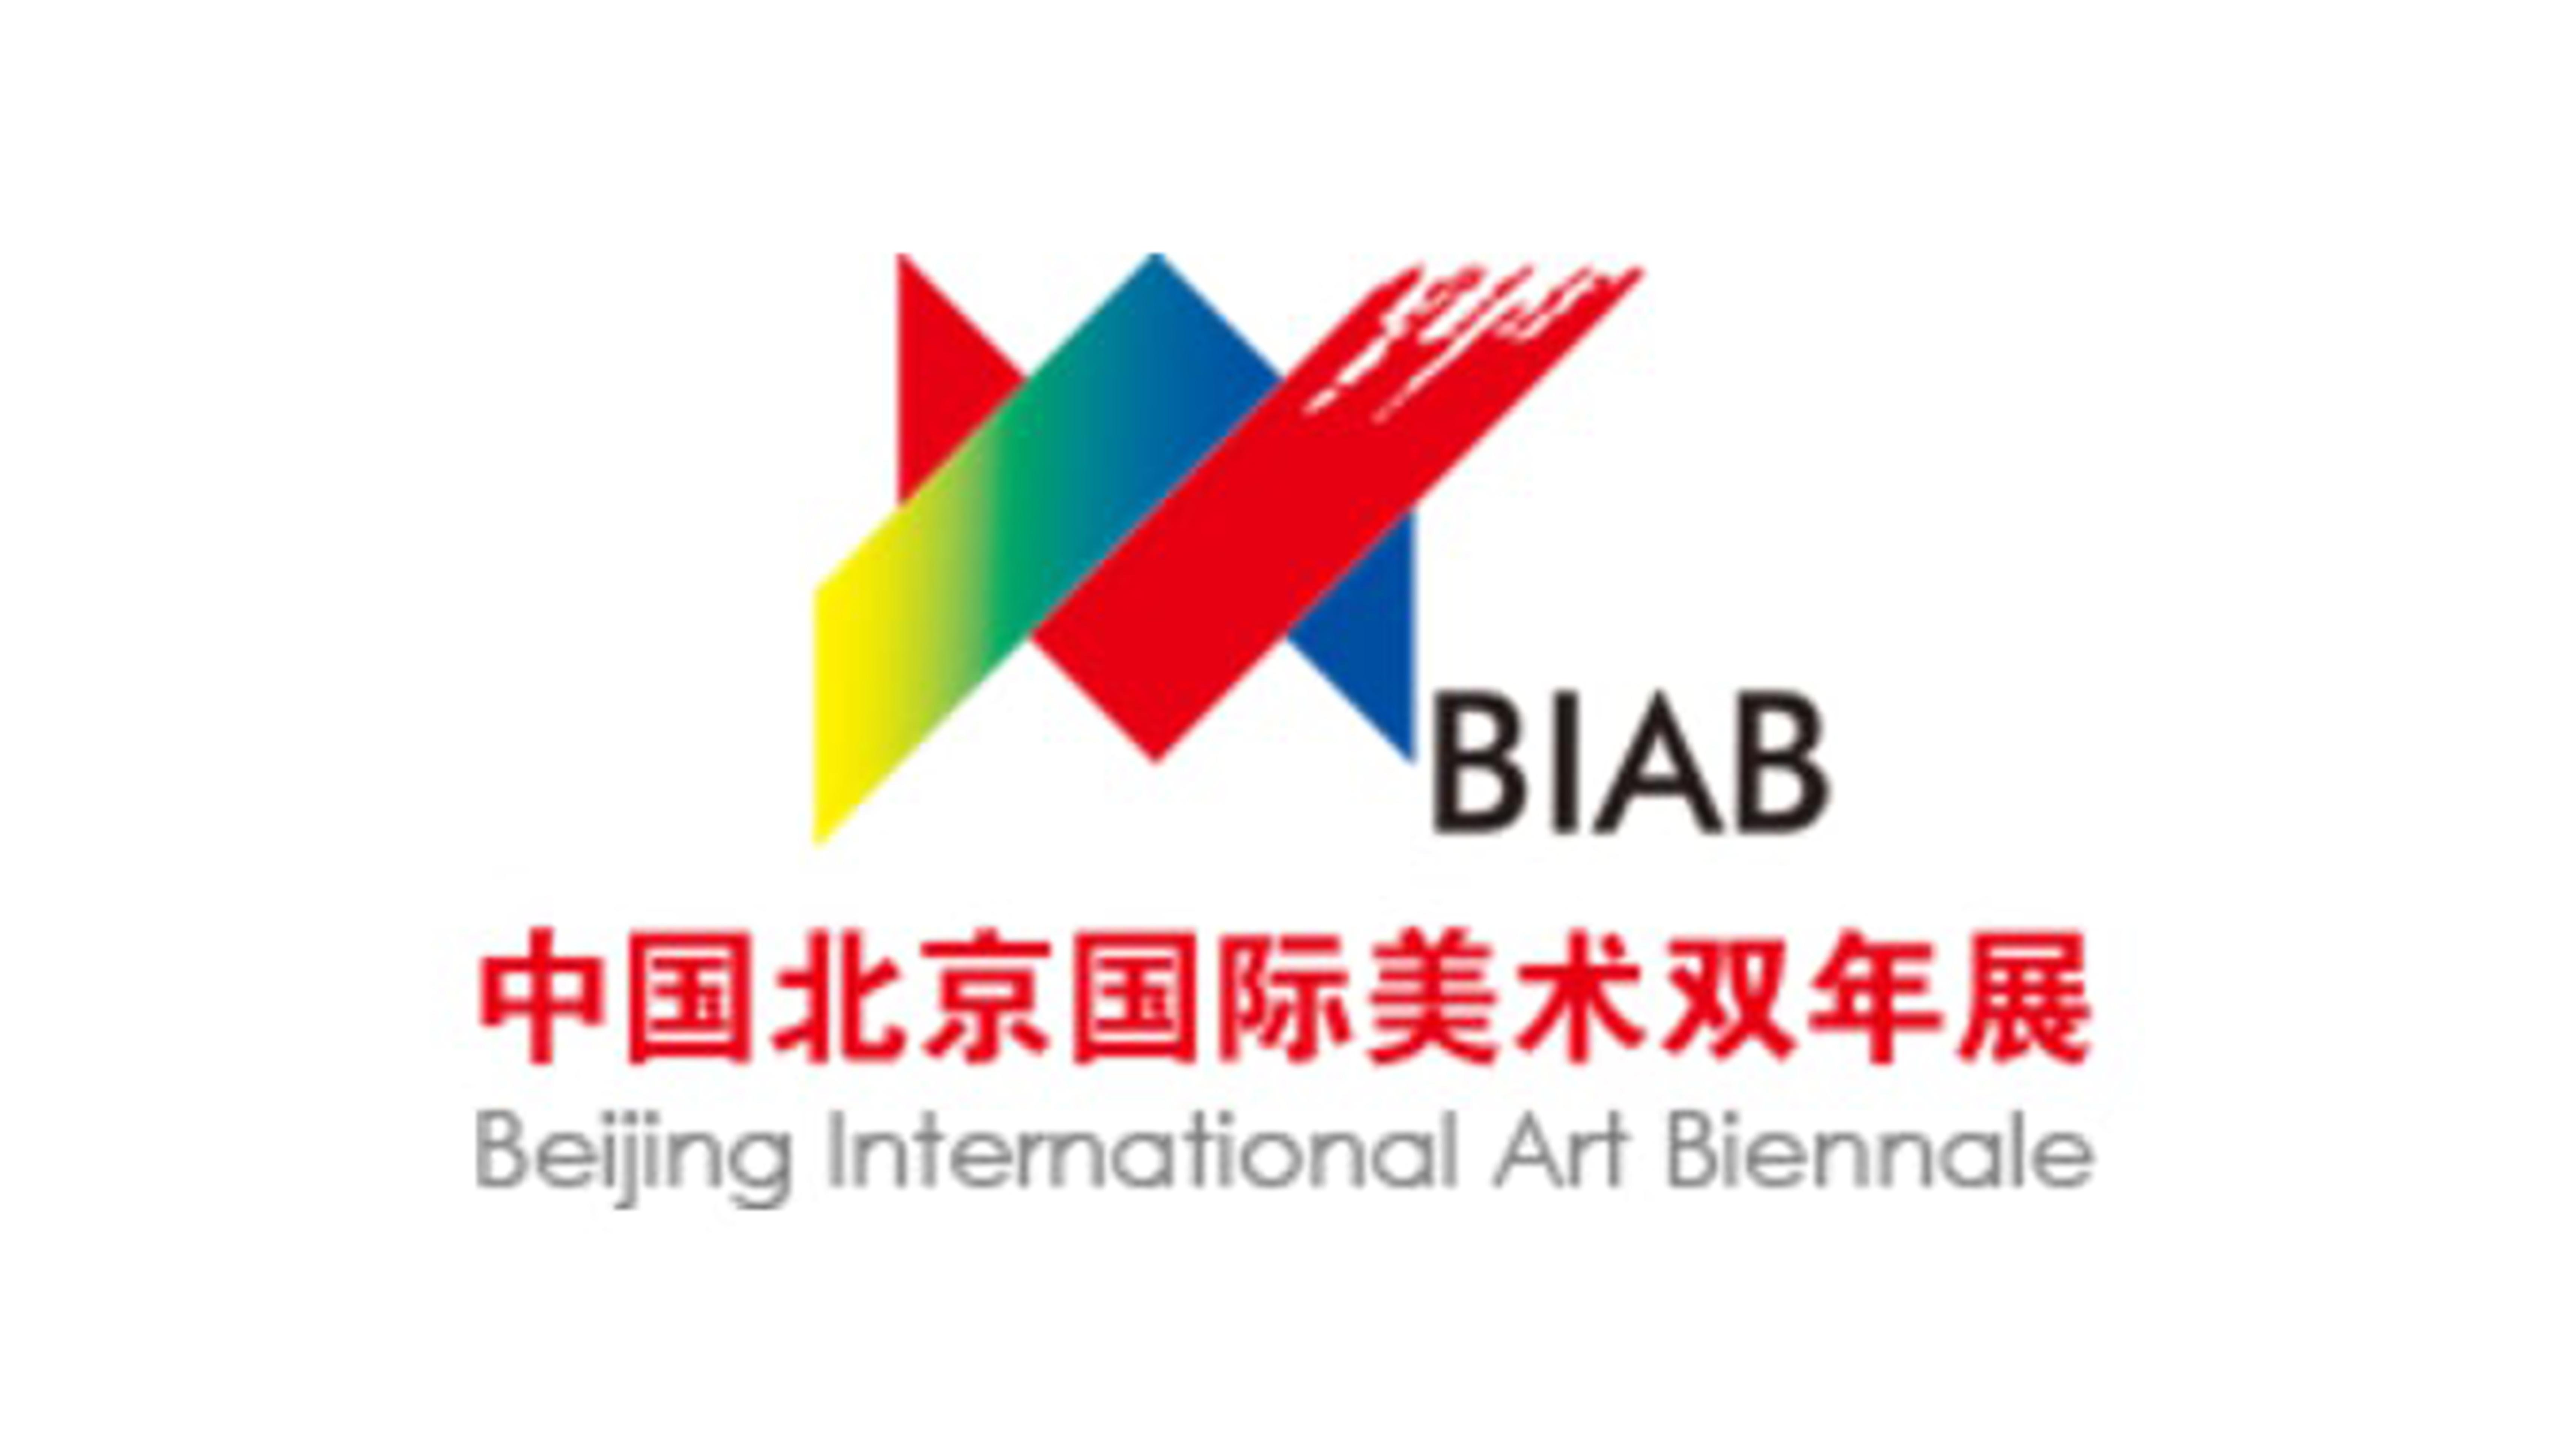 2022-ci ildə Çin Xalq Respublikasında 9-cu Pekin Beynəlxalq İncəsənət Biennalesi keçiriləcək.